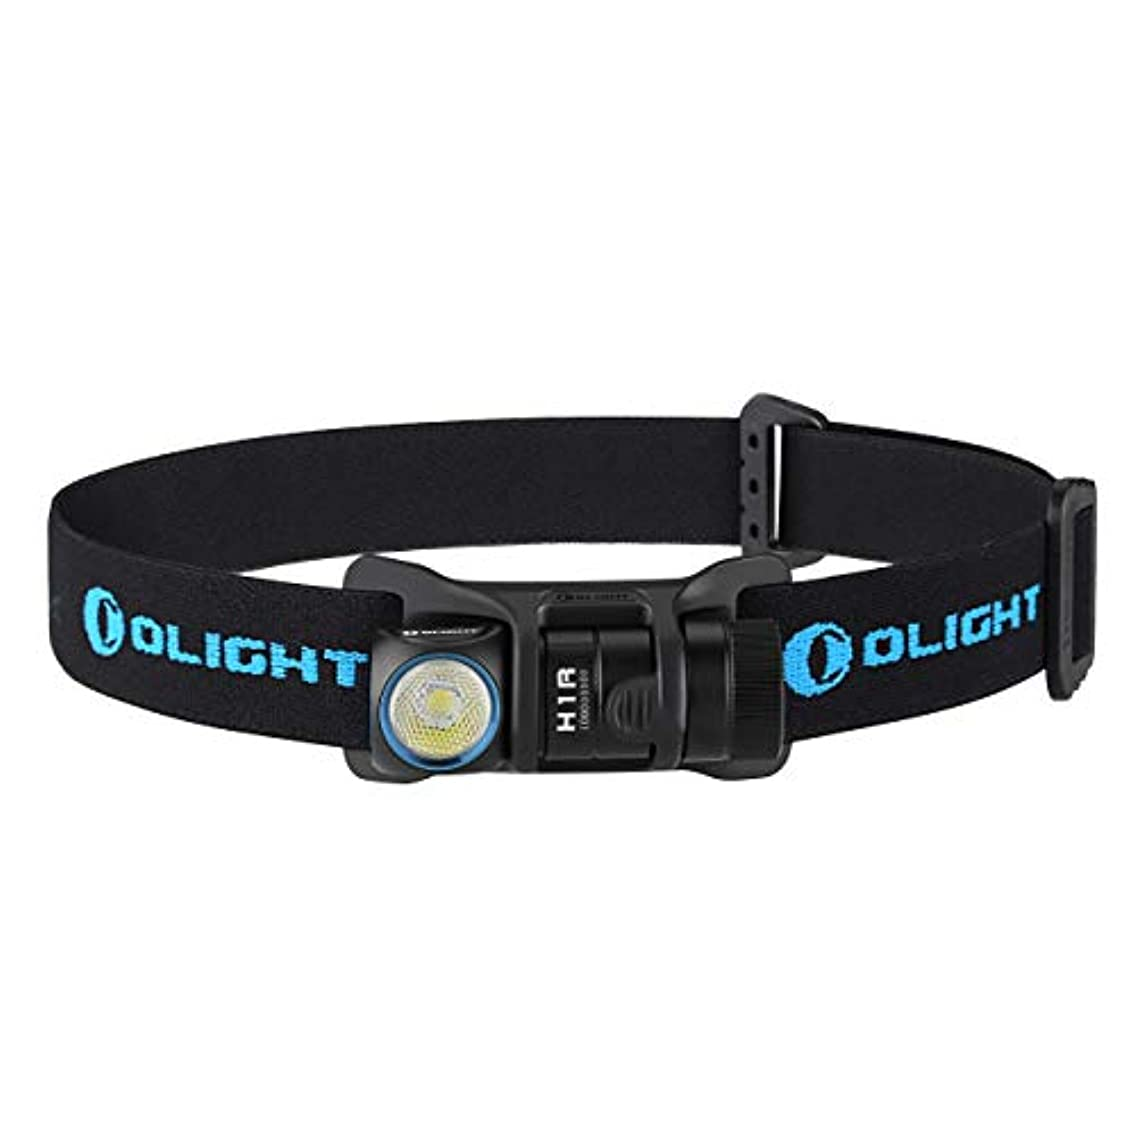 ブート学期憂鬱なOLIGHT(オーライト) H1R NOVA ヘッドライト 600ルーメン 充電式LEDヘッドランプ XM-L2灯玉搭載 IPX8防水 ハンディライト RCR123A 650mAh電池 アウトドア